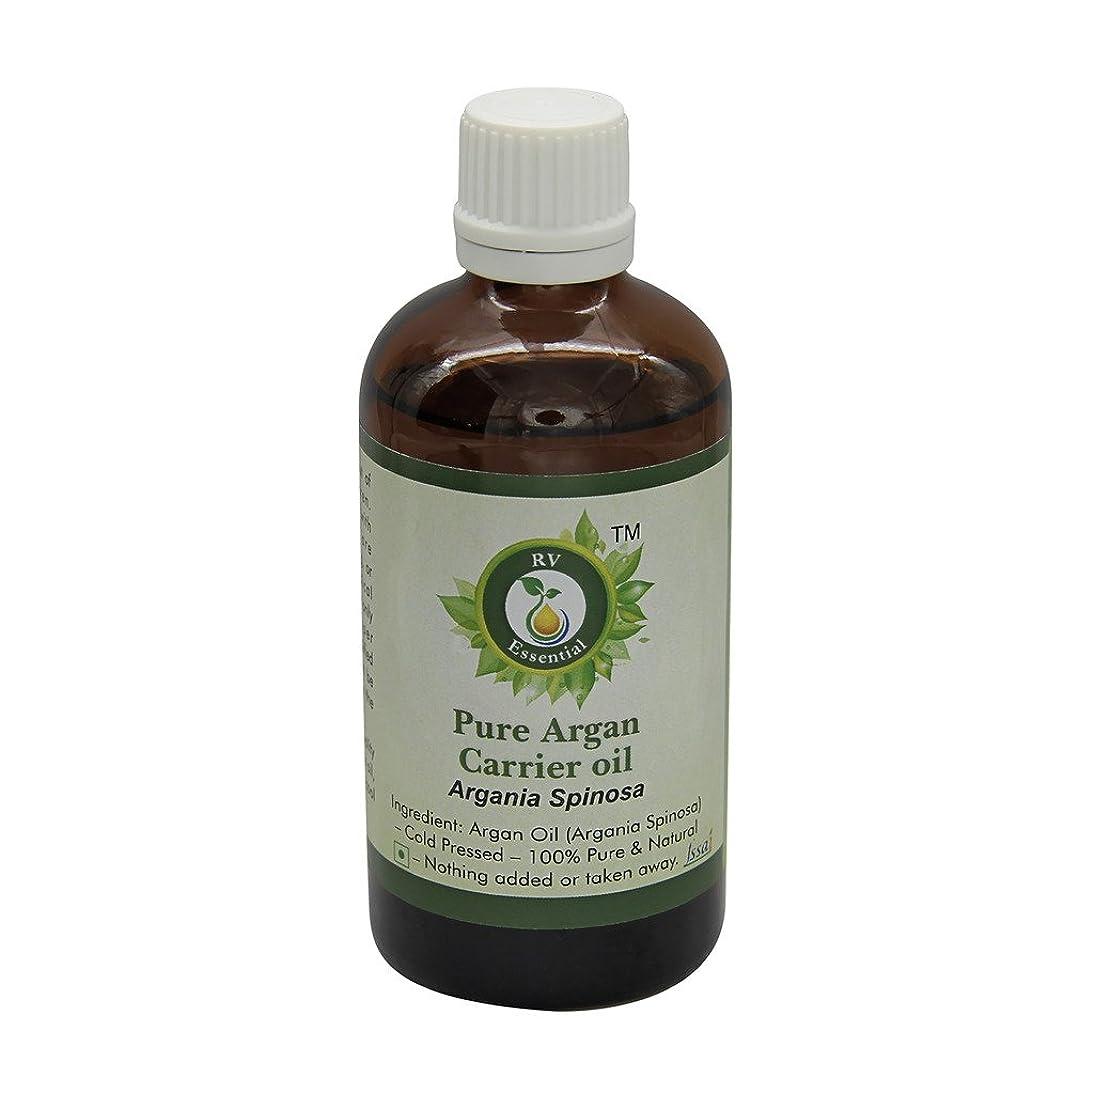 行進分岐する解き明かすR V Essential ピュアアルガンキャリアオイル100ml (3.38oz)- Argania Spinosa (100%ピュア&ナチュラルコールドPressed) Pure Argan Carrier Oil